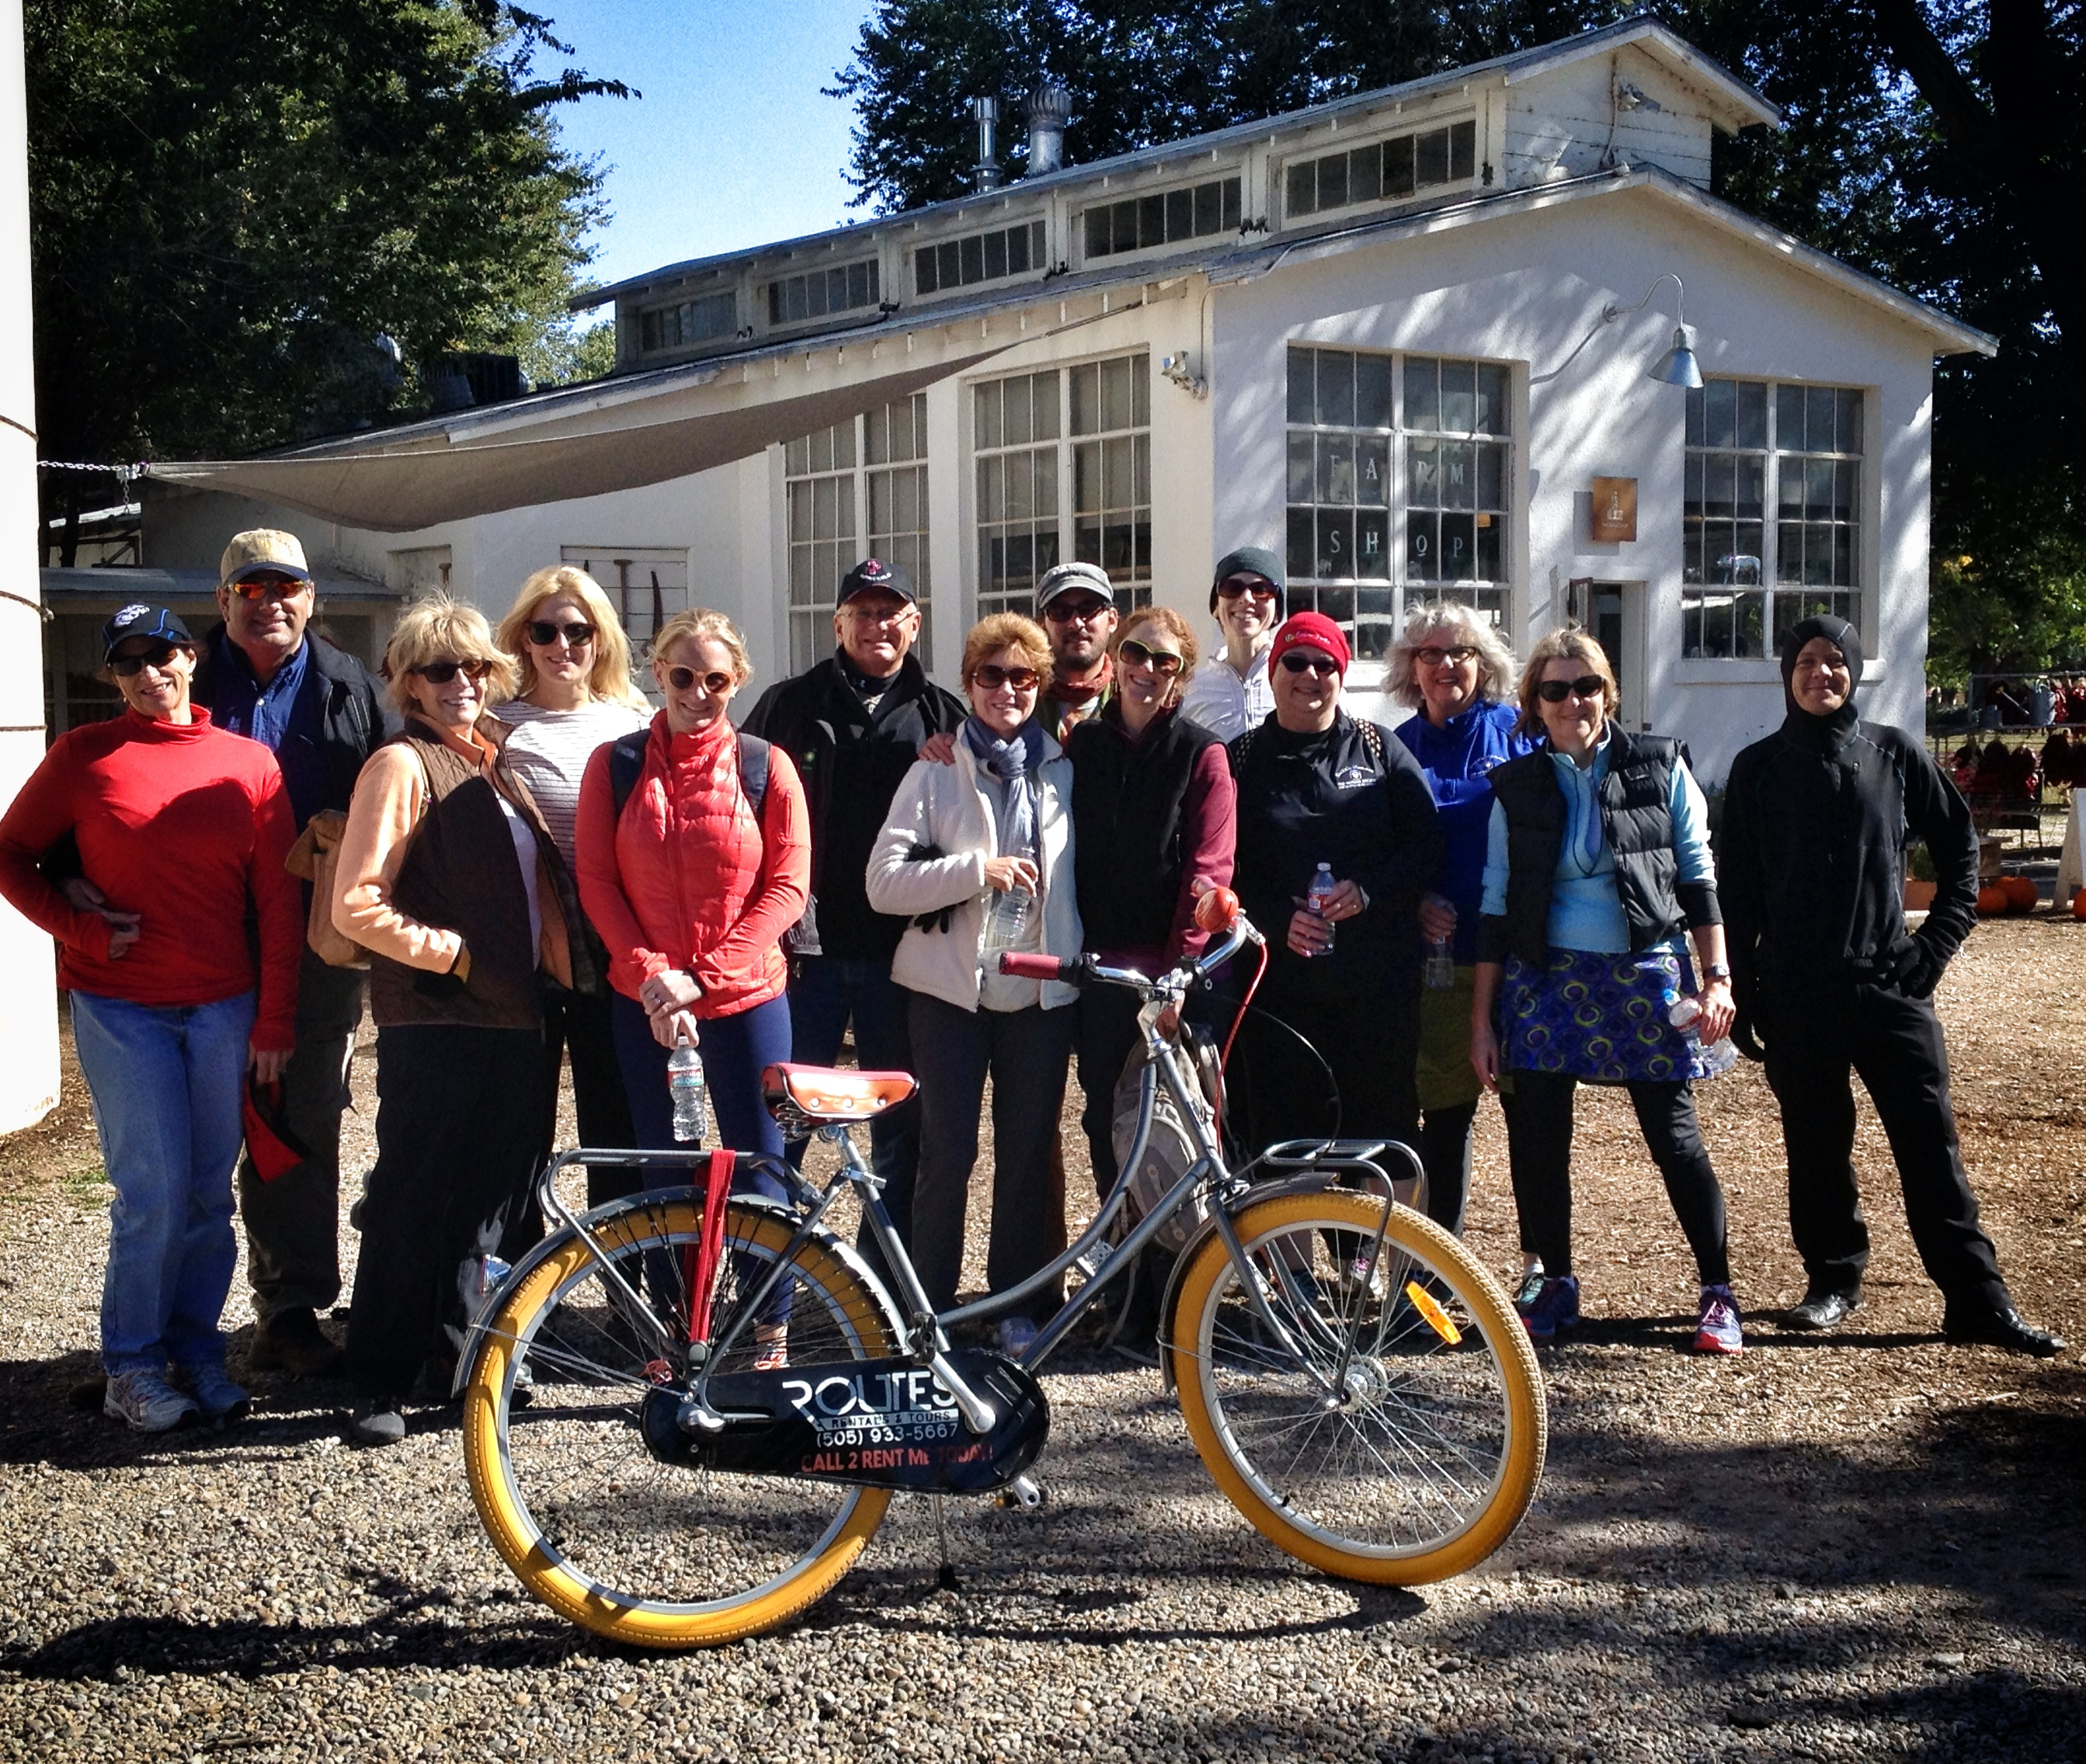 Routes Bicycle Tours Balloon Fiesta Bike Tour